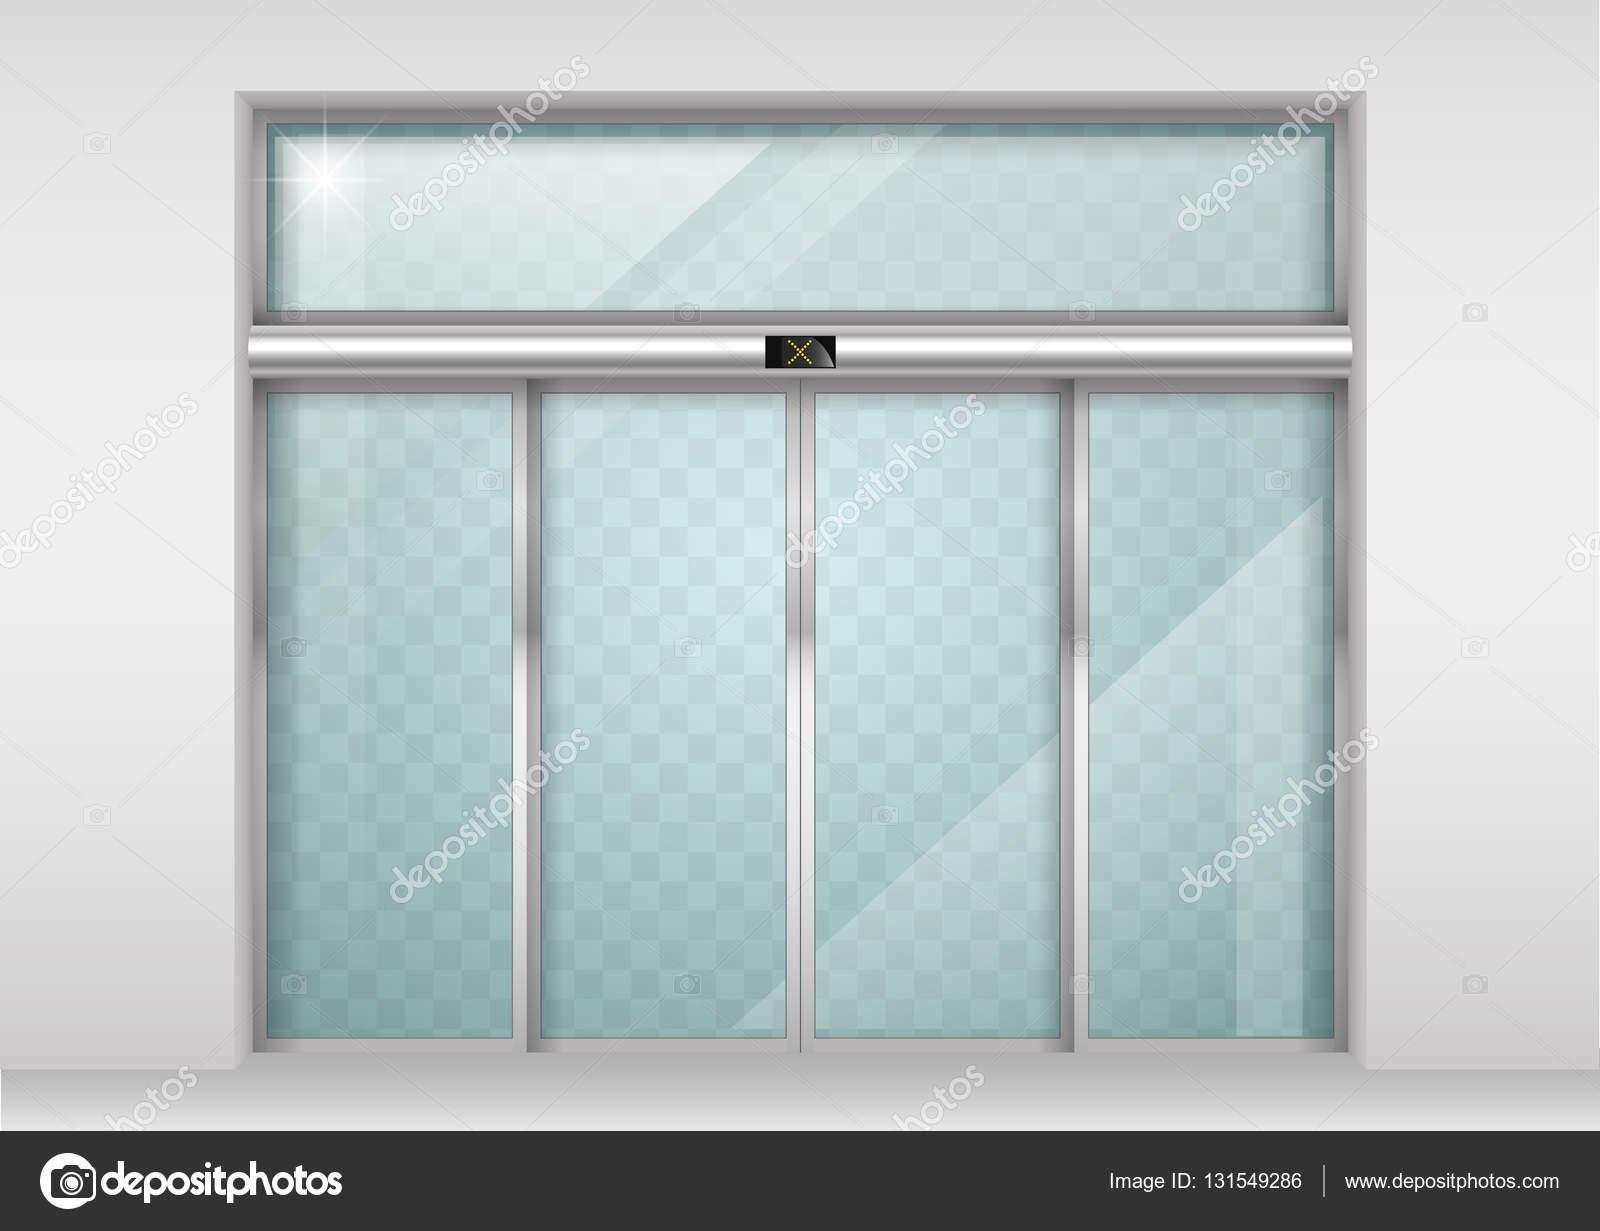 Automatische Glazen Deuren.Automatische Schuifdeuren Van Glas Stockvector C Denisik11 131549286